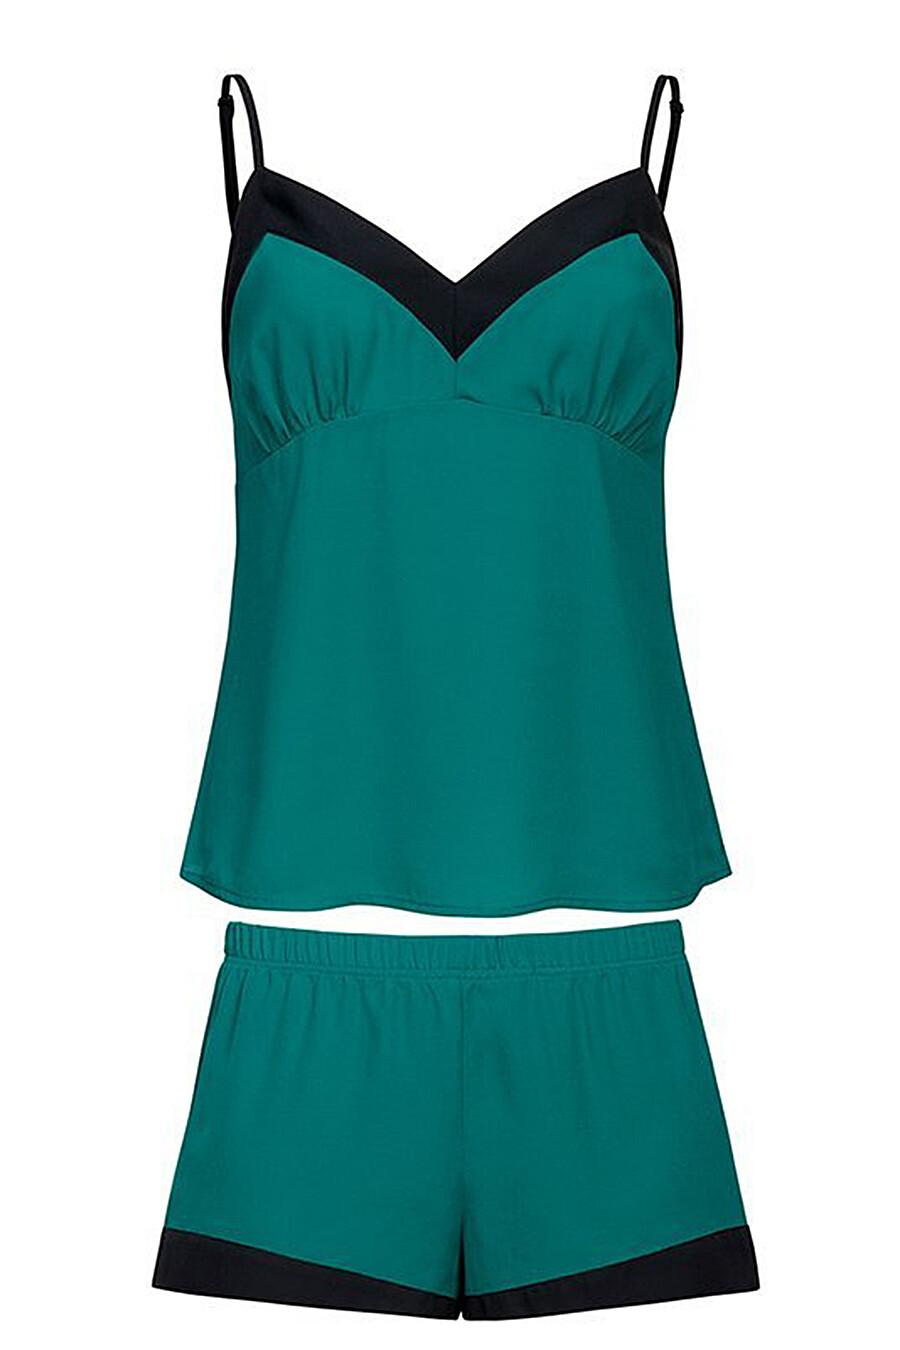 Пижама (Майка+Шорты) для женщин PELICAN 111454 купить оптом от производителя. Совместная покупка женской одежды в OptMoyo